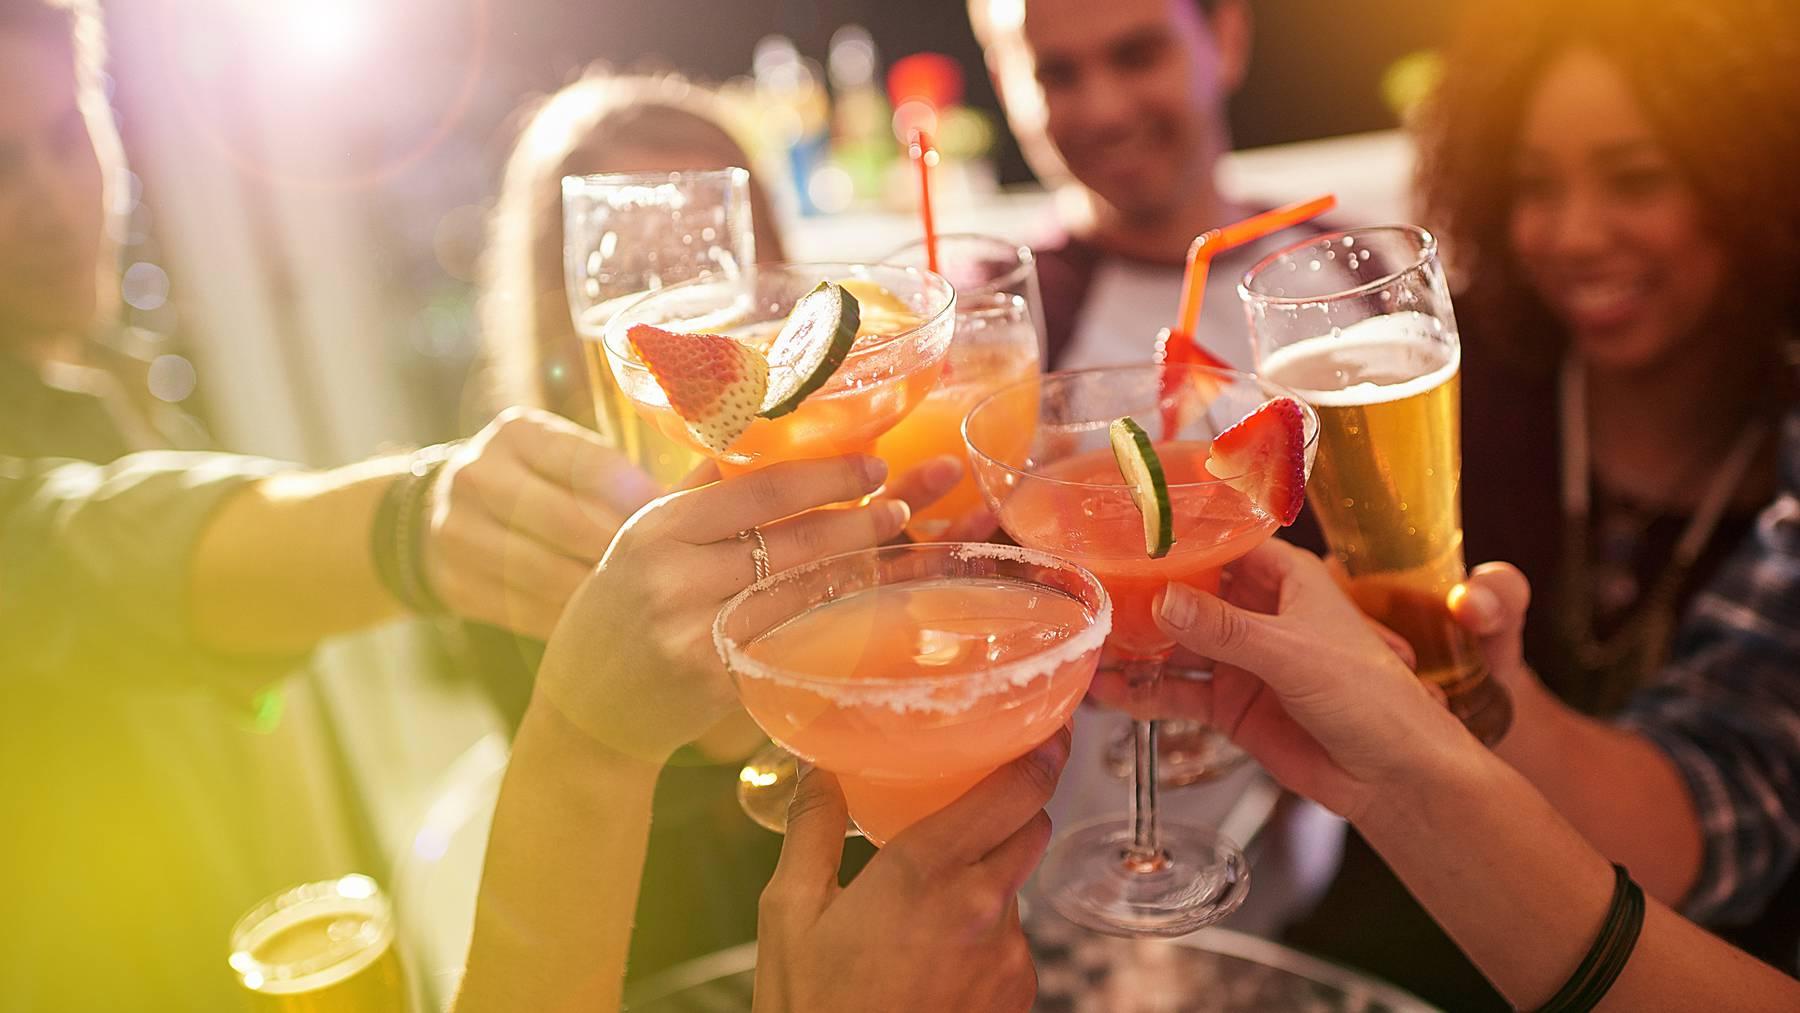 Die App will jugendlichen ein vernünftiges Trinkverhalten beibringen.